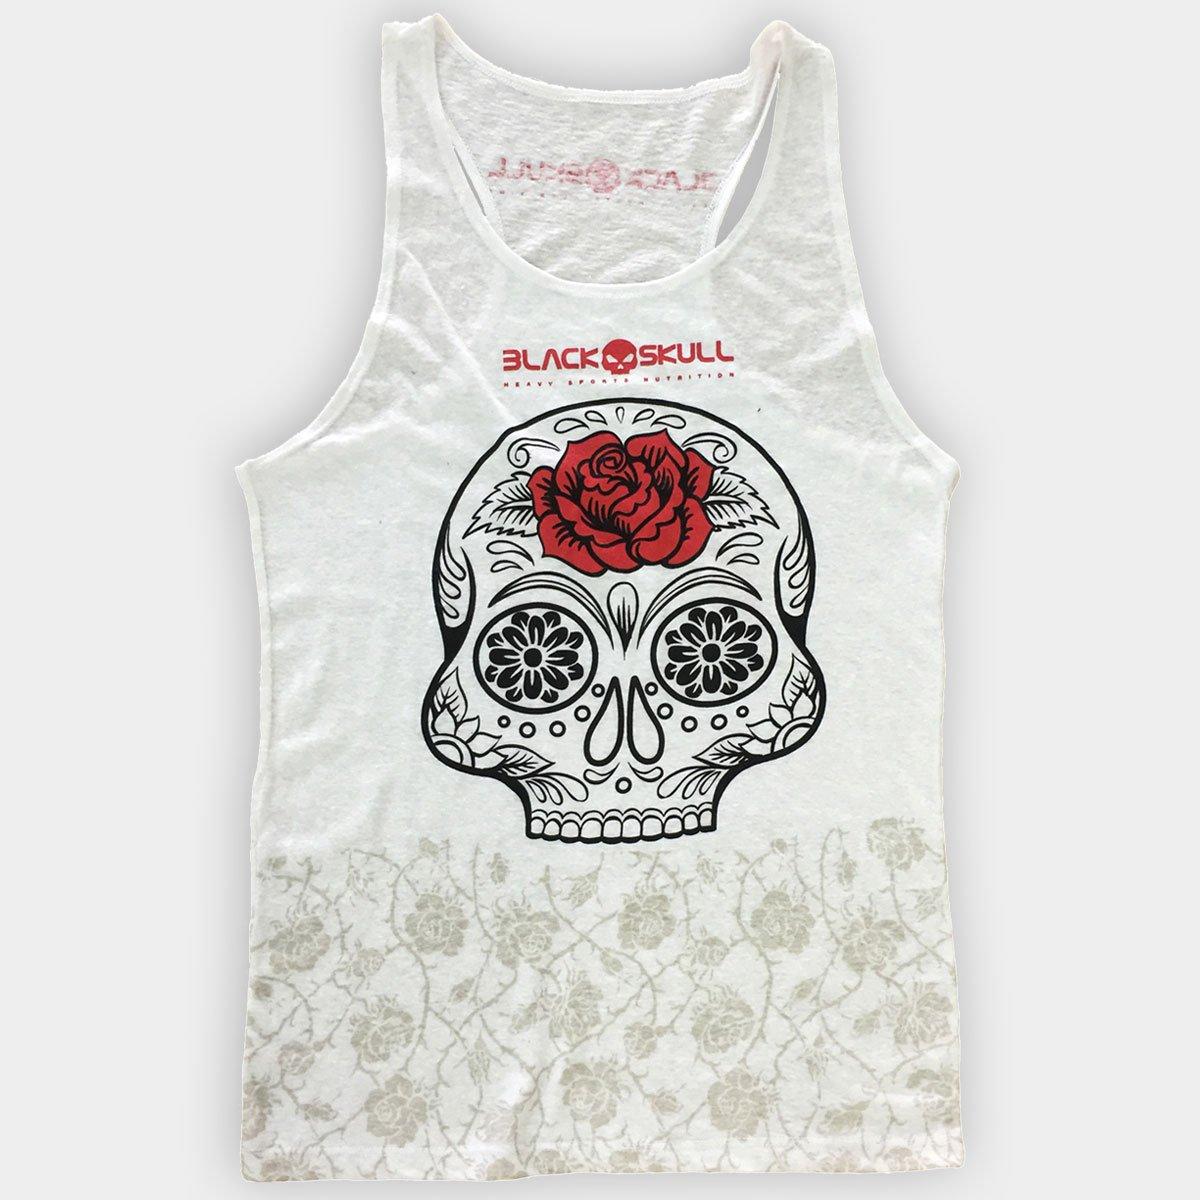 41e3fc13dd Camiseta Regata Black Skull Estonada - Compre Agora